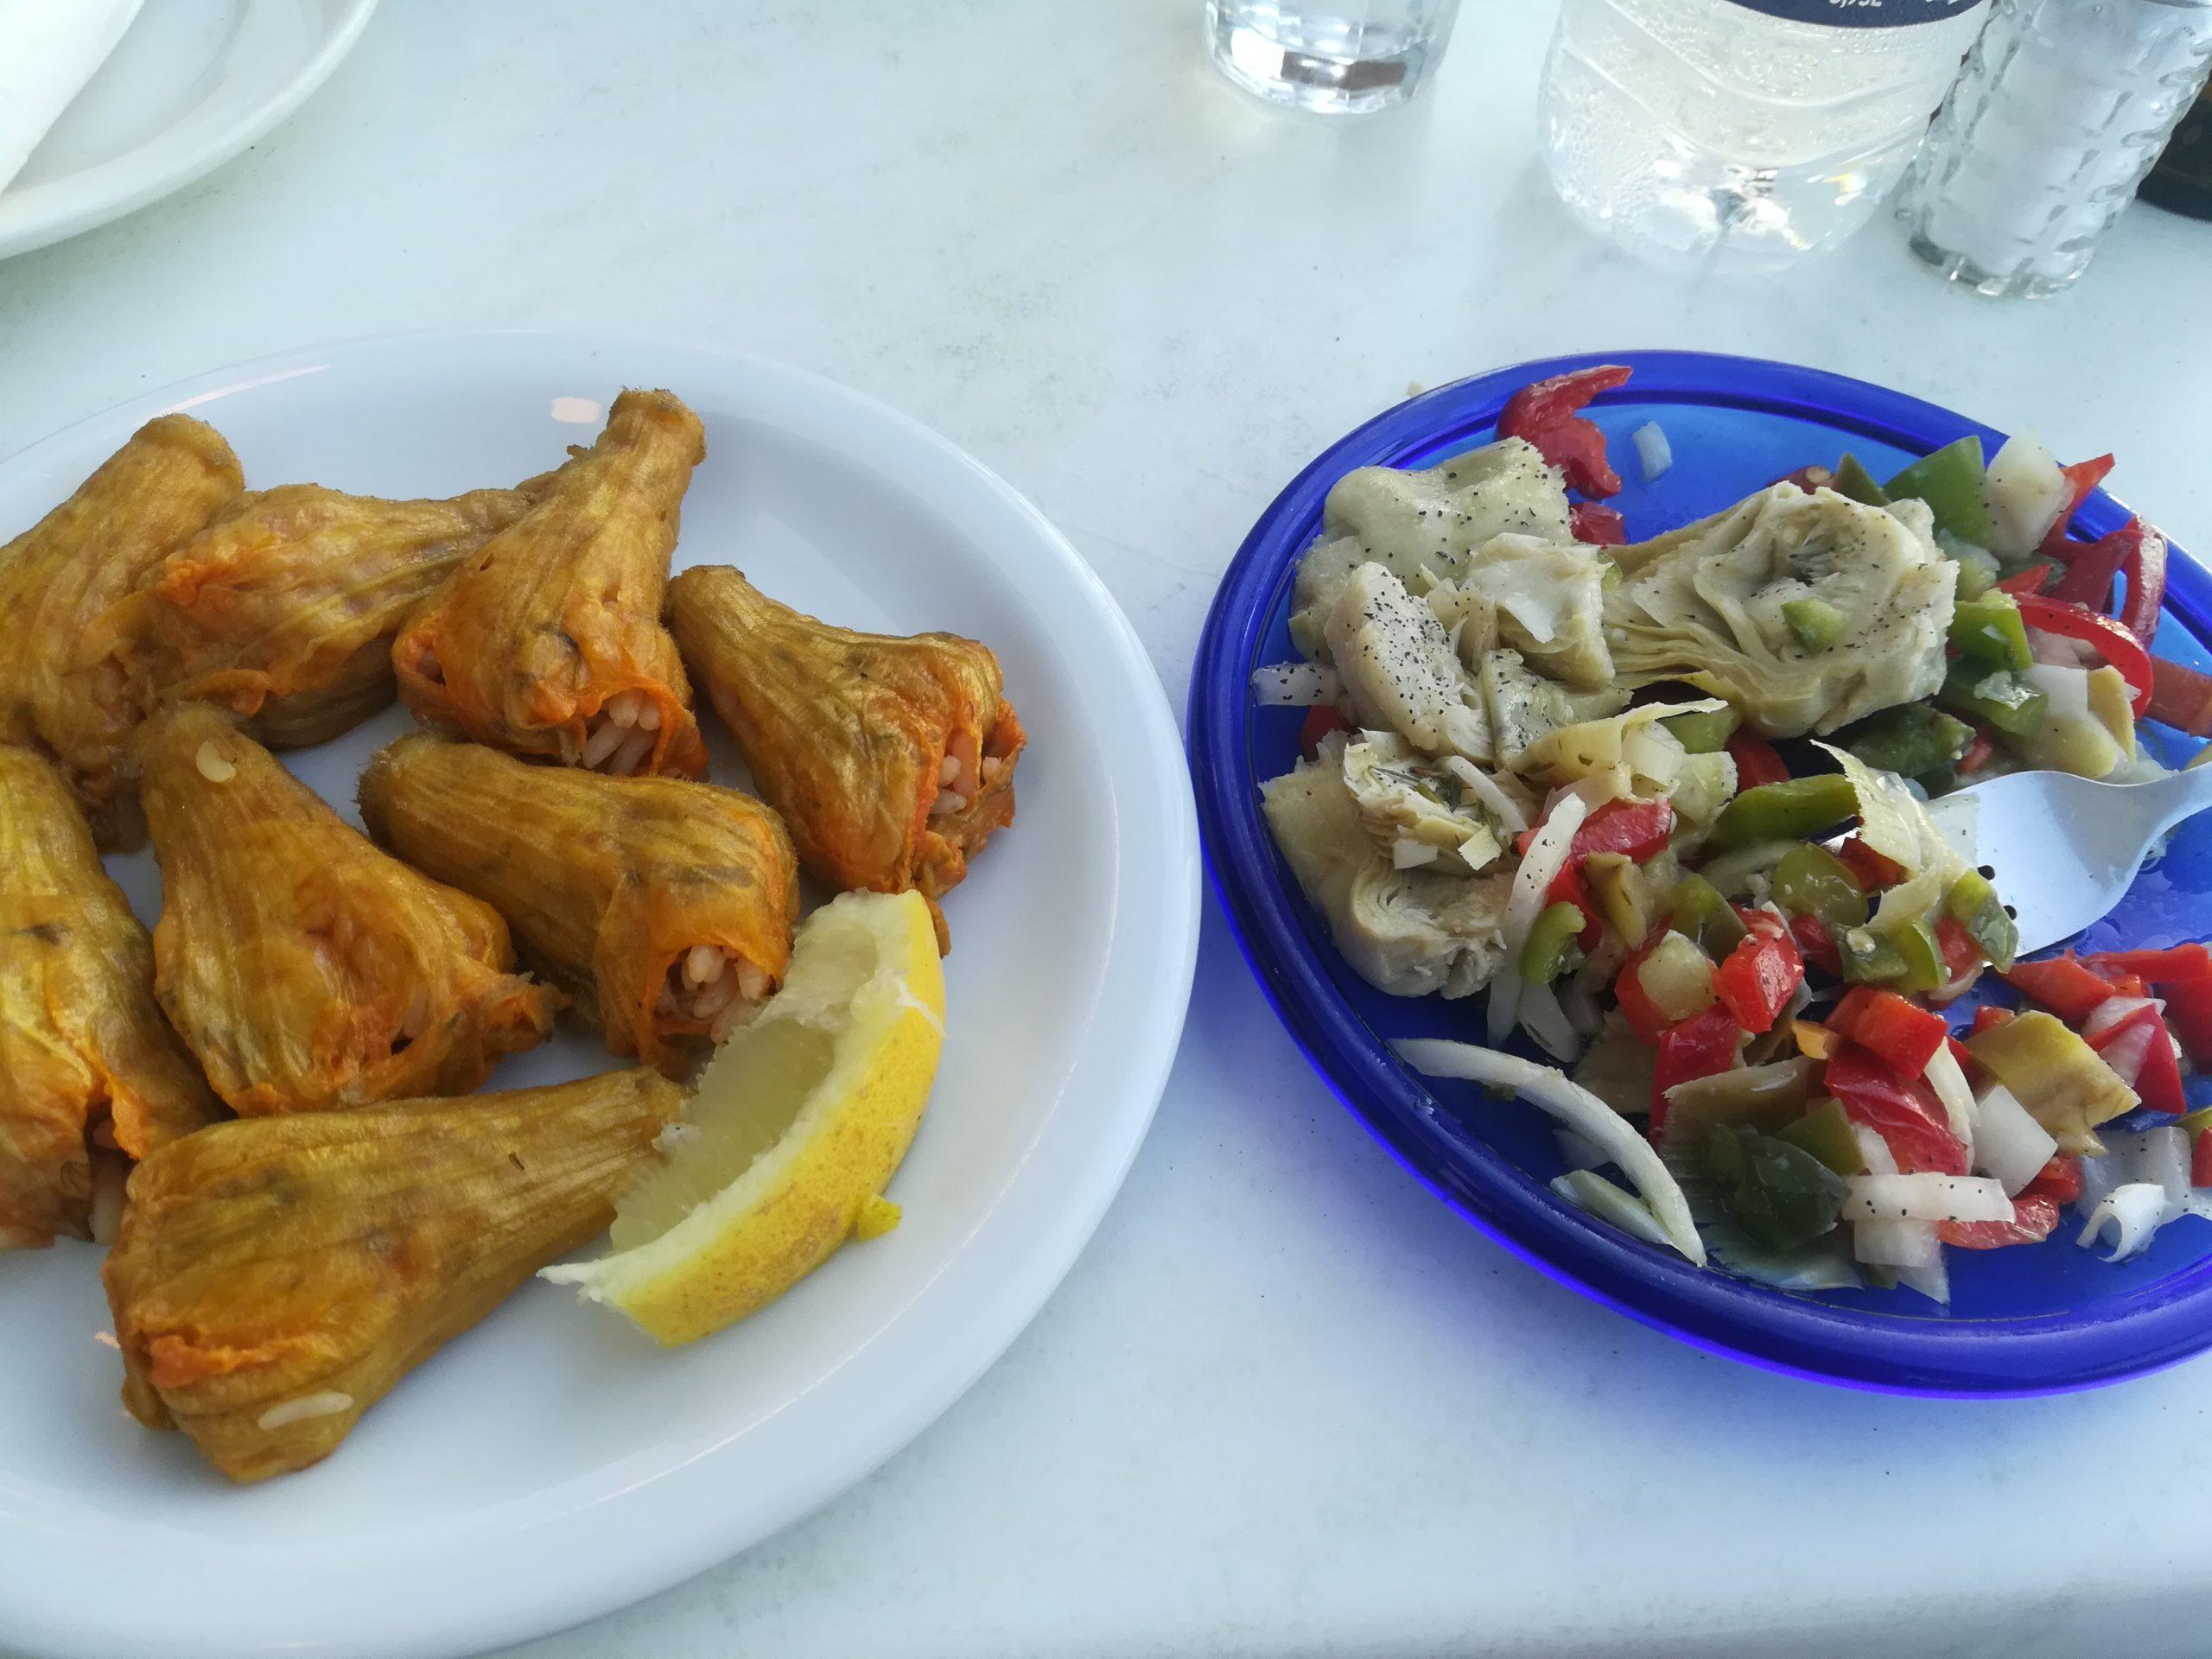 gezond eten op vakantie, vakantietijd, coronakilo', vakantie eten